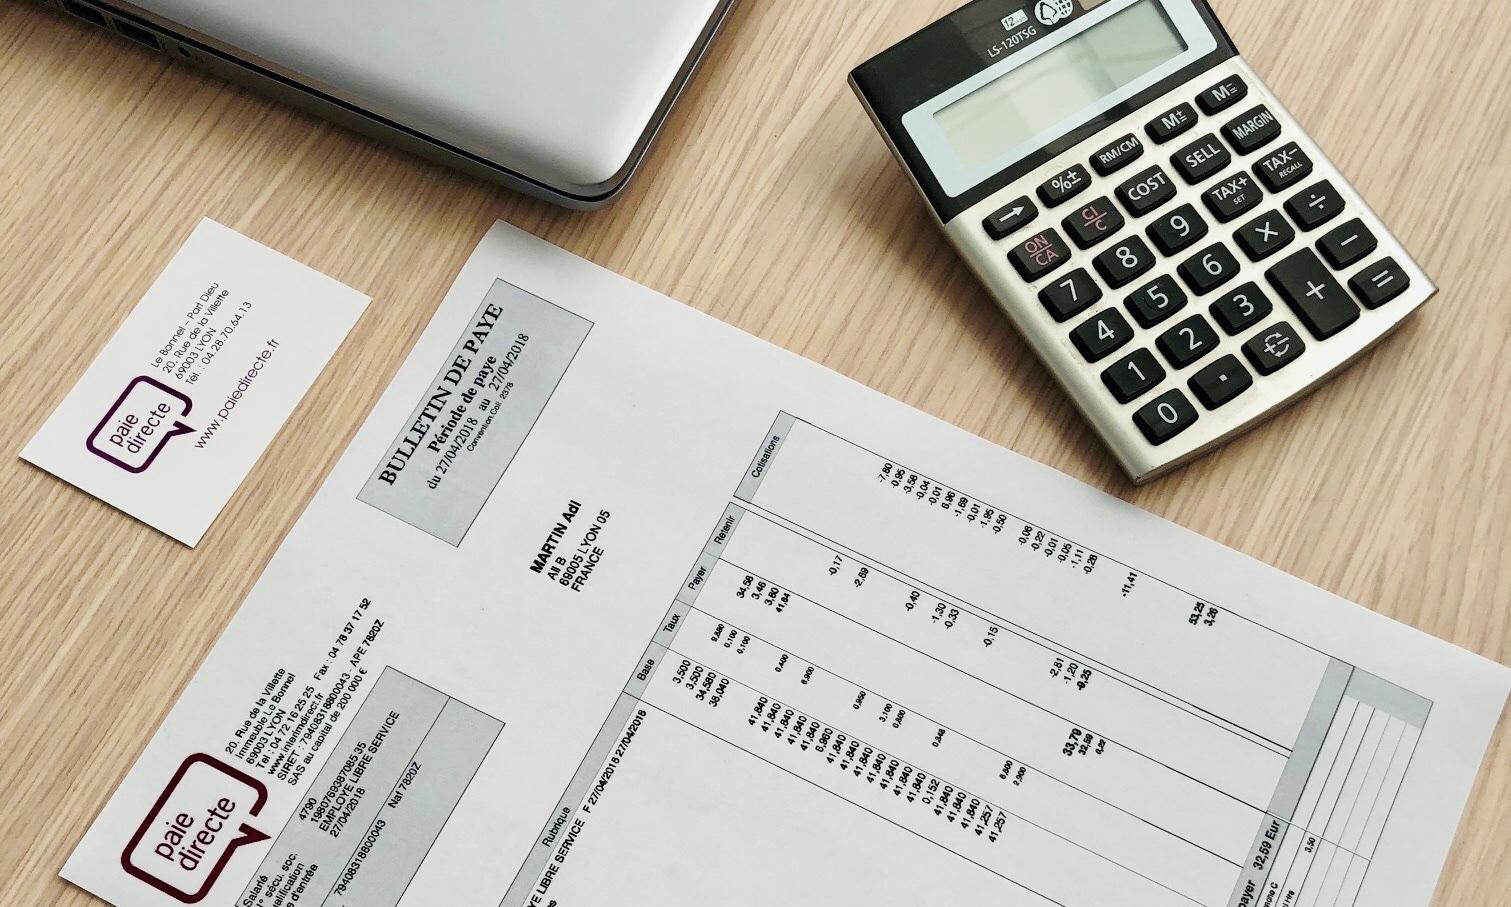 Exemple de fiche de paie réalisée par Paie Directe, posée sur un bureau à côté d'une carte de visite Paie Directe, d'une calculatrice et un ordinateur